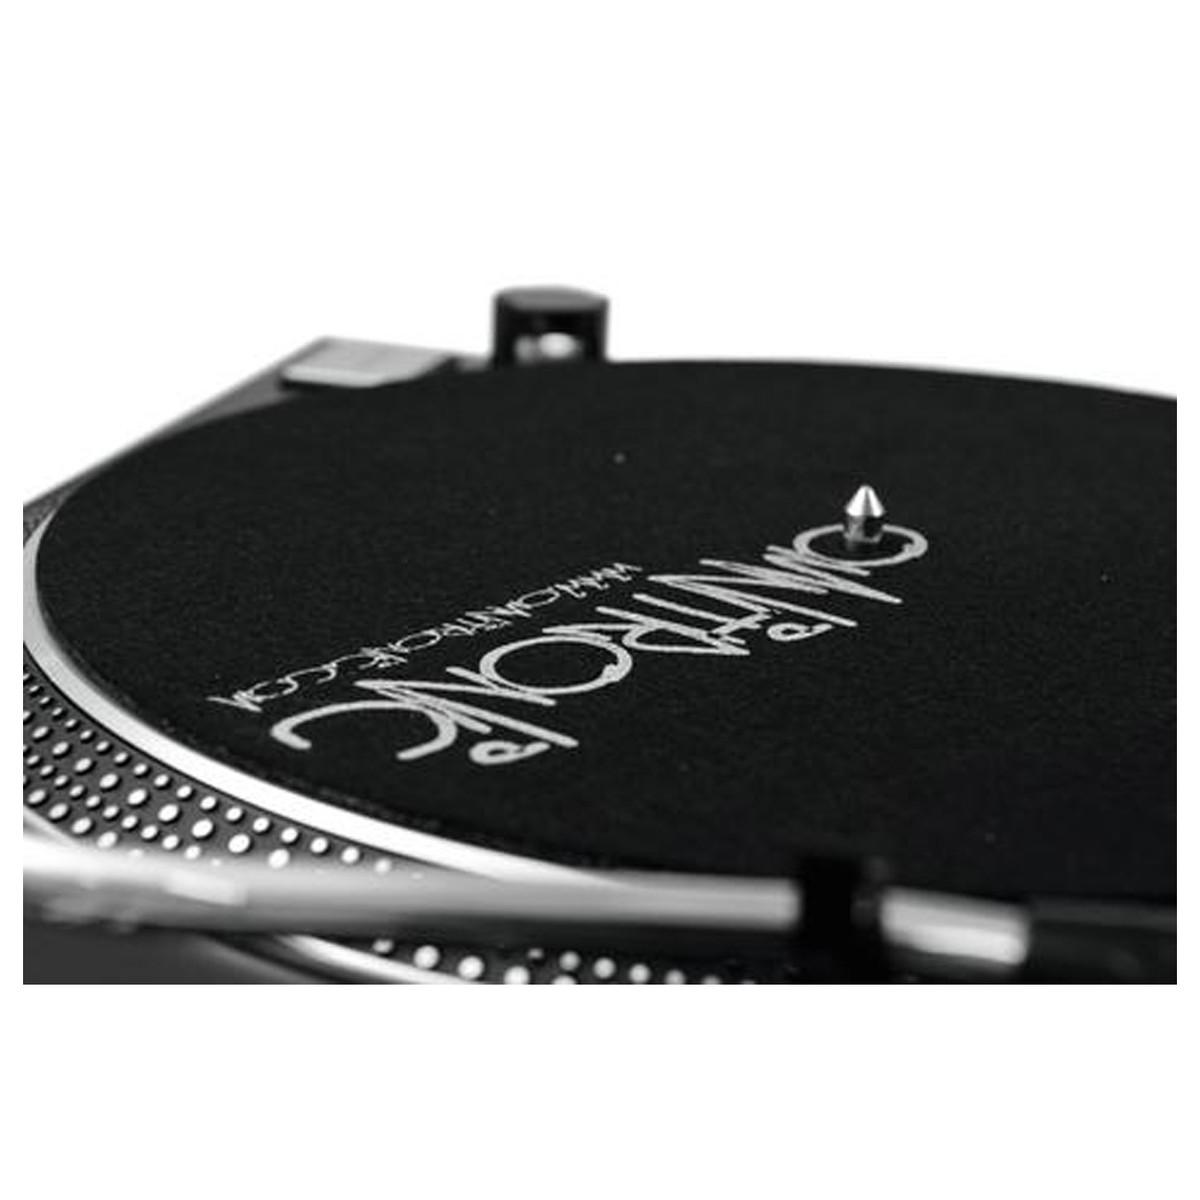 OMNITRONIC DD-2520 USB BLACK GIRADISCHI PER DJ TRAZIONE DIRETTA NERO 6